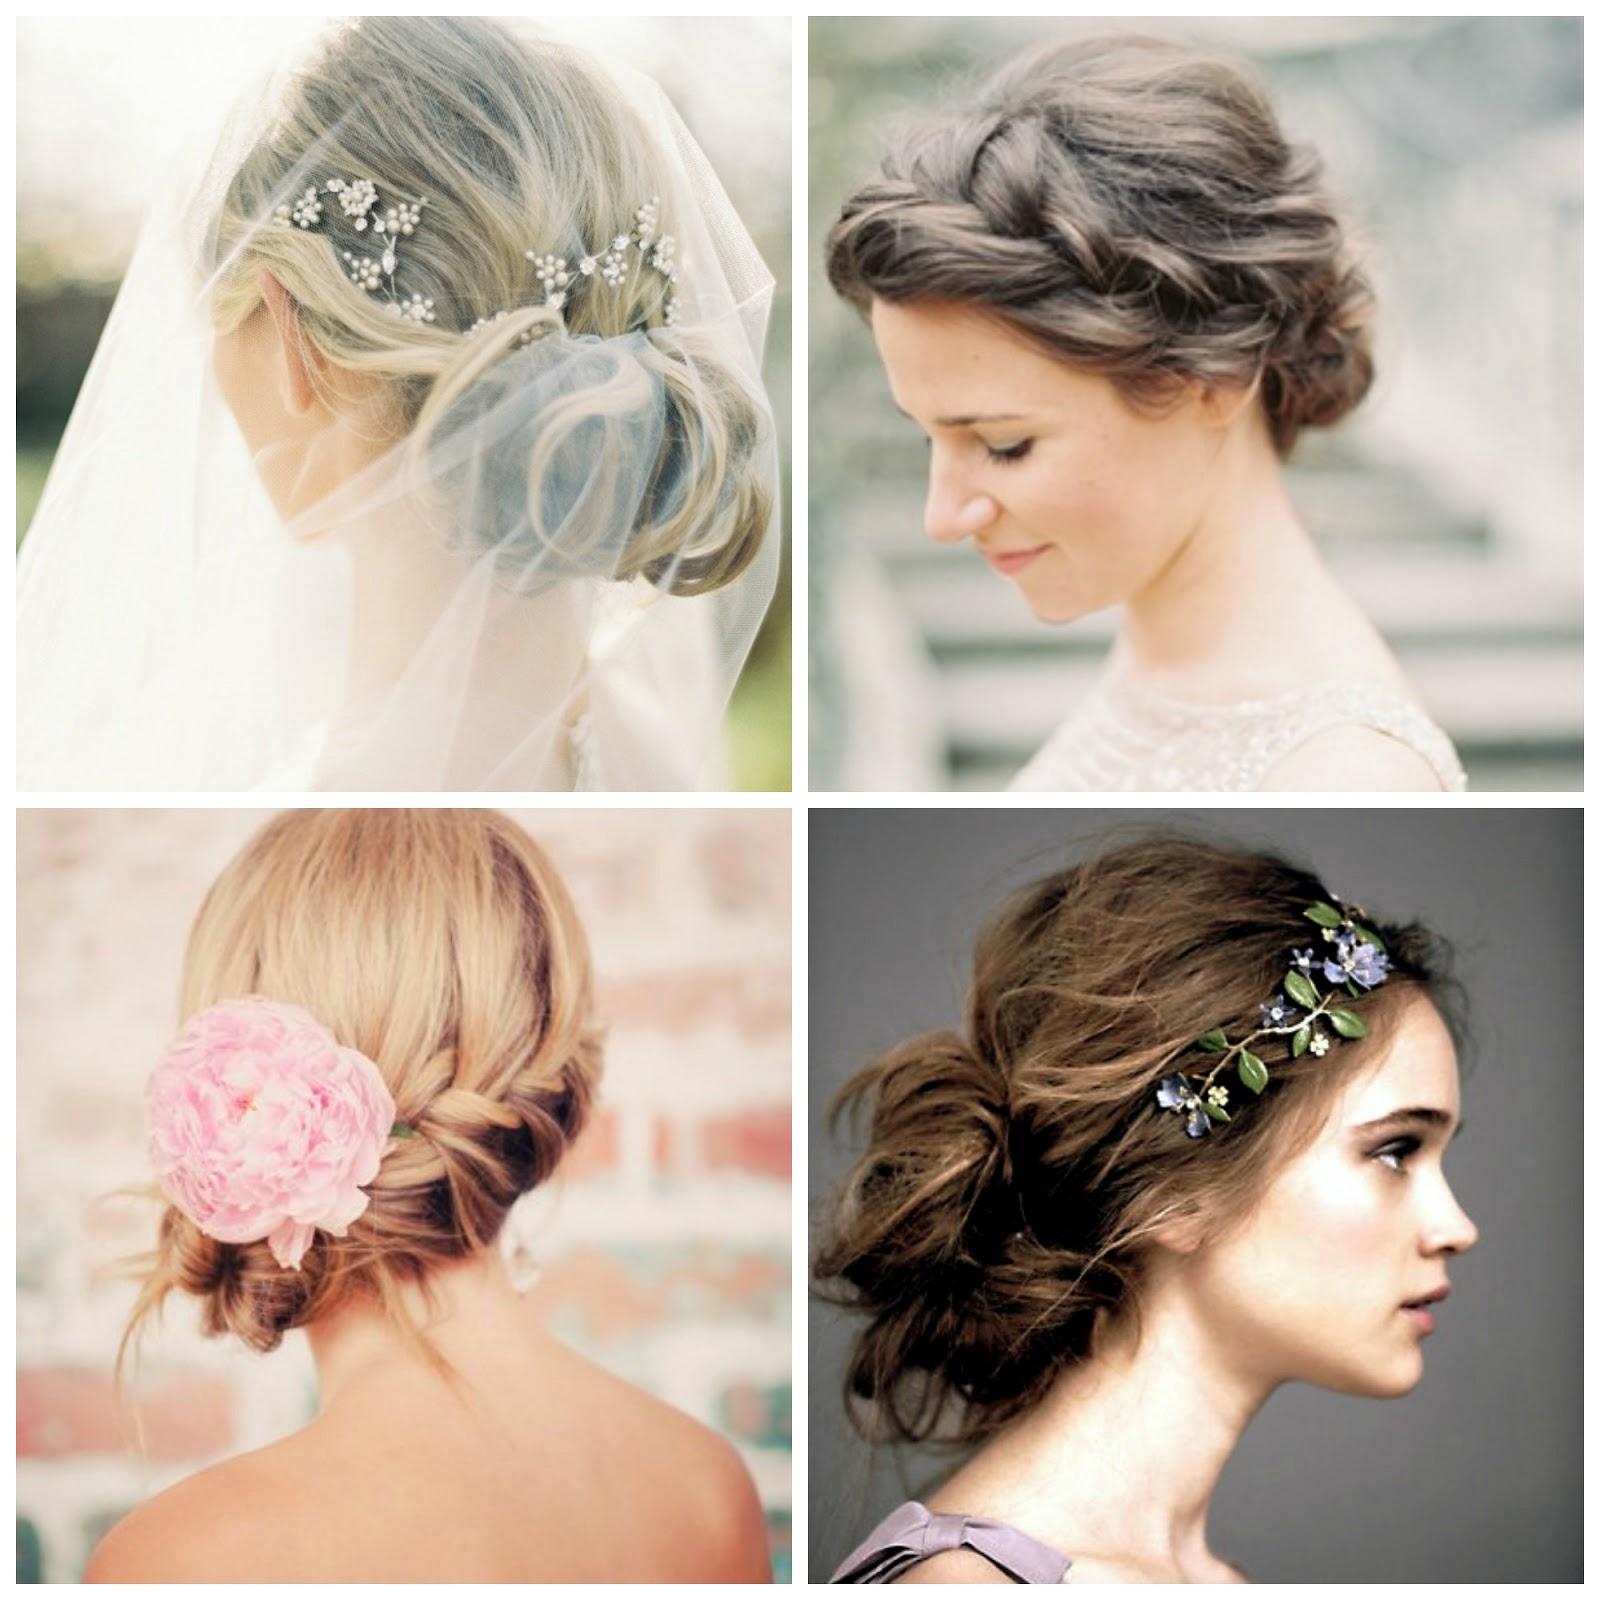 Diez peinados para bodas fáciles paso a paso Levante EMV - Peinados Para Boda Sencillos